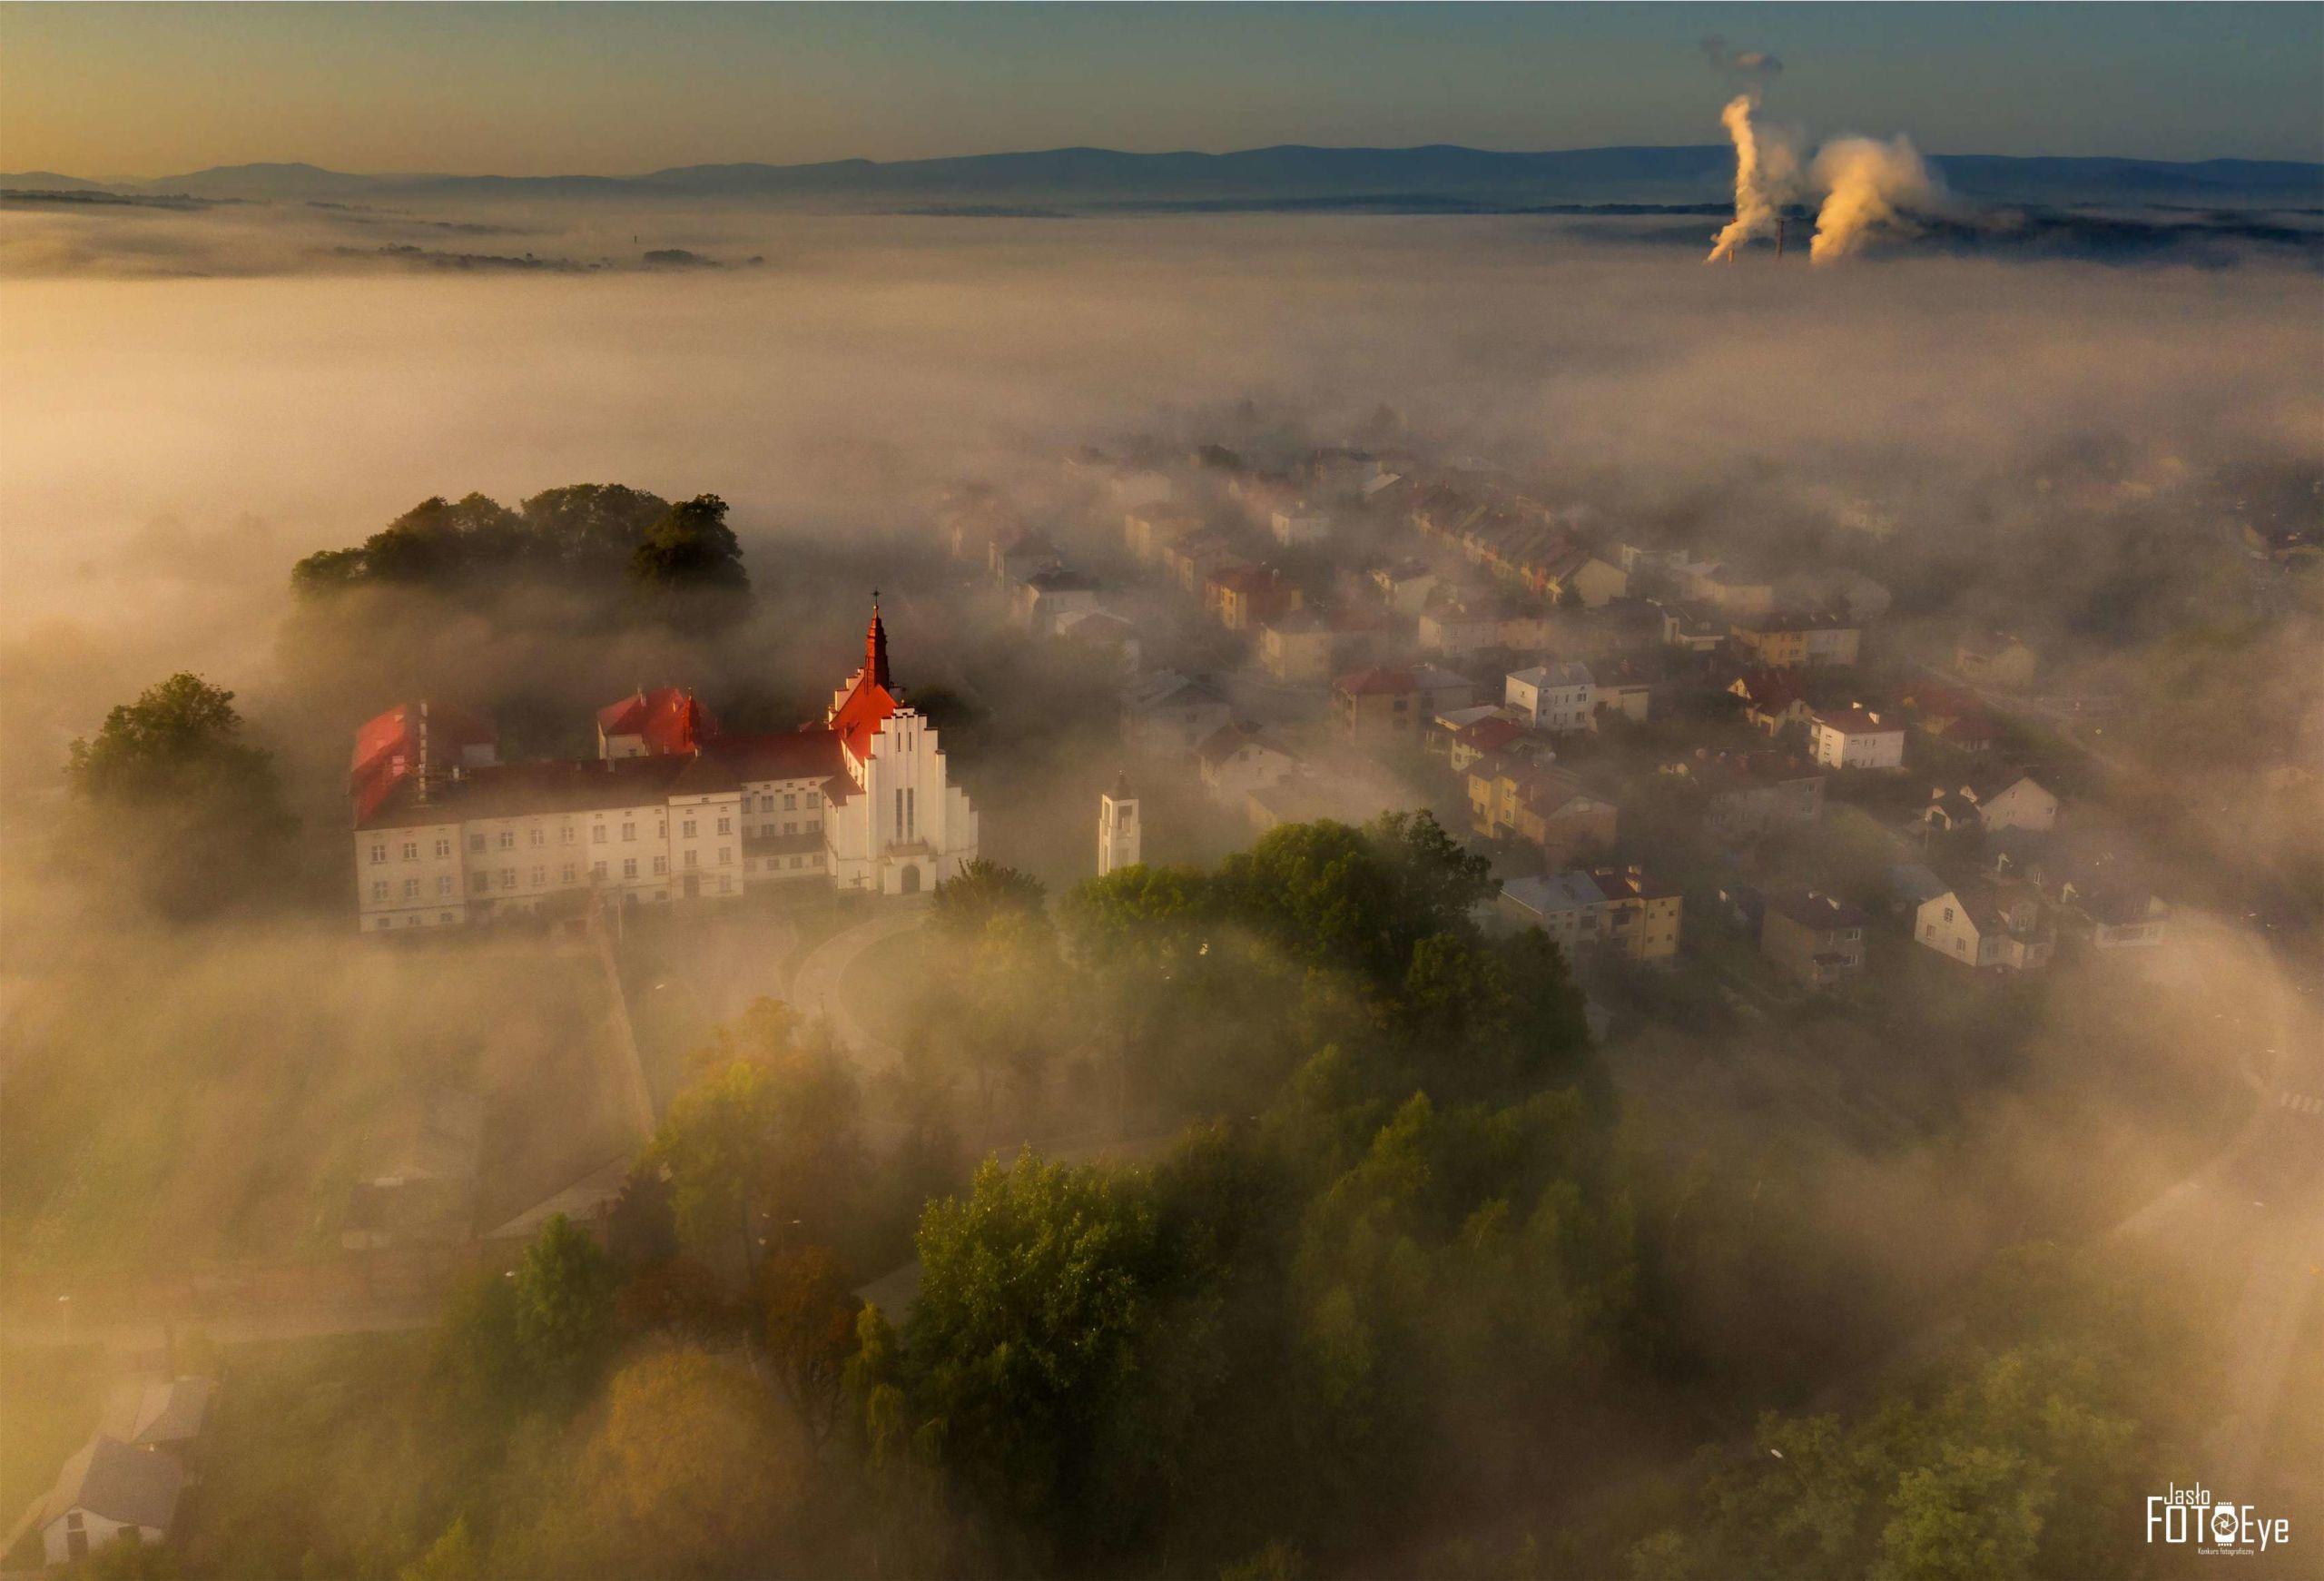 Zdjęcie wschód słońca autor Jan Kowalski